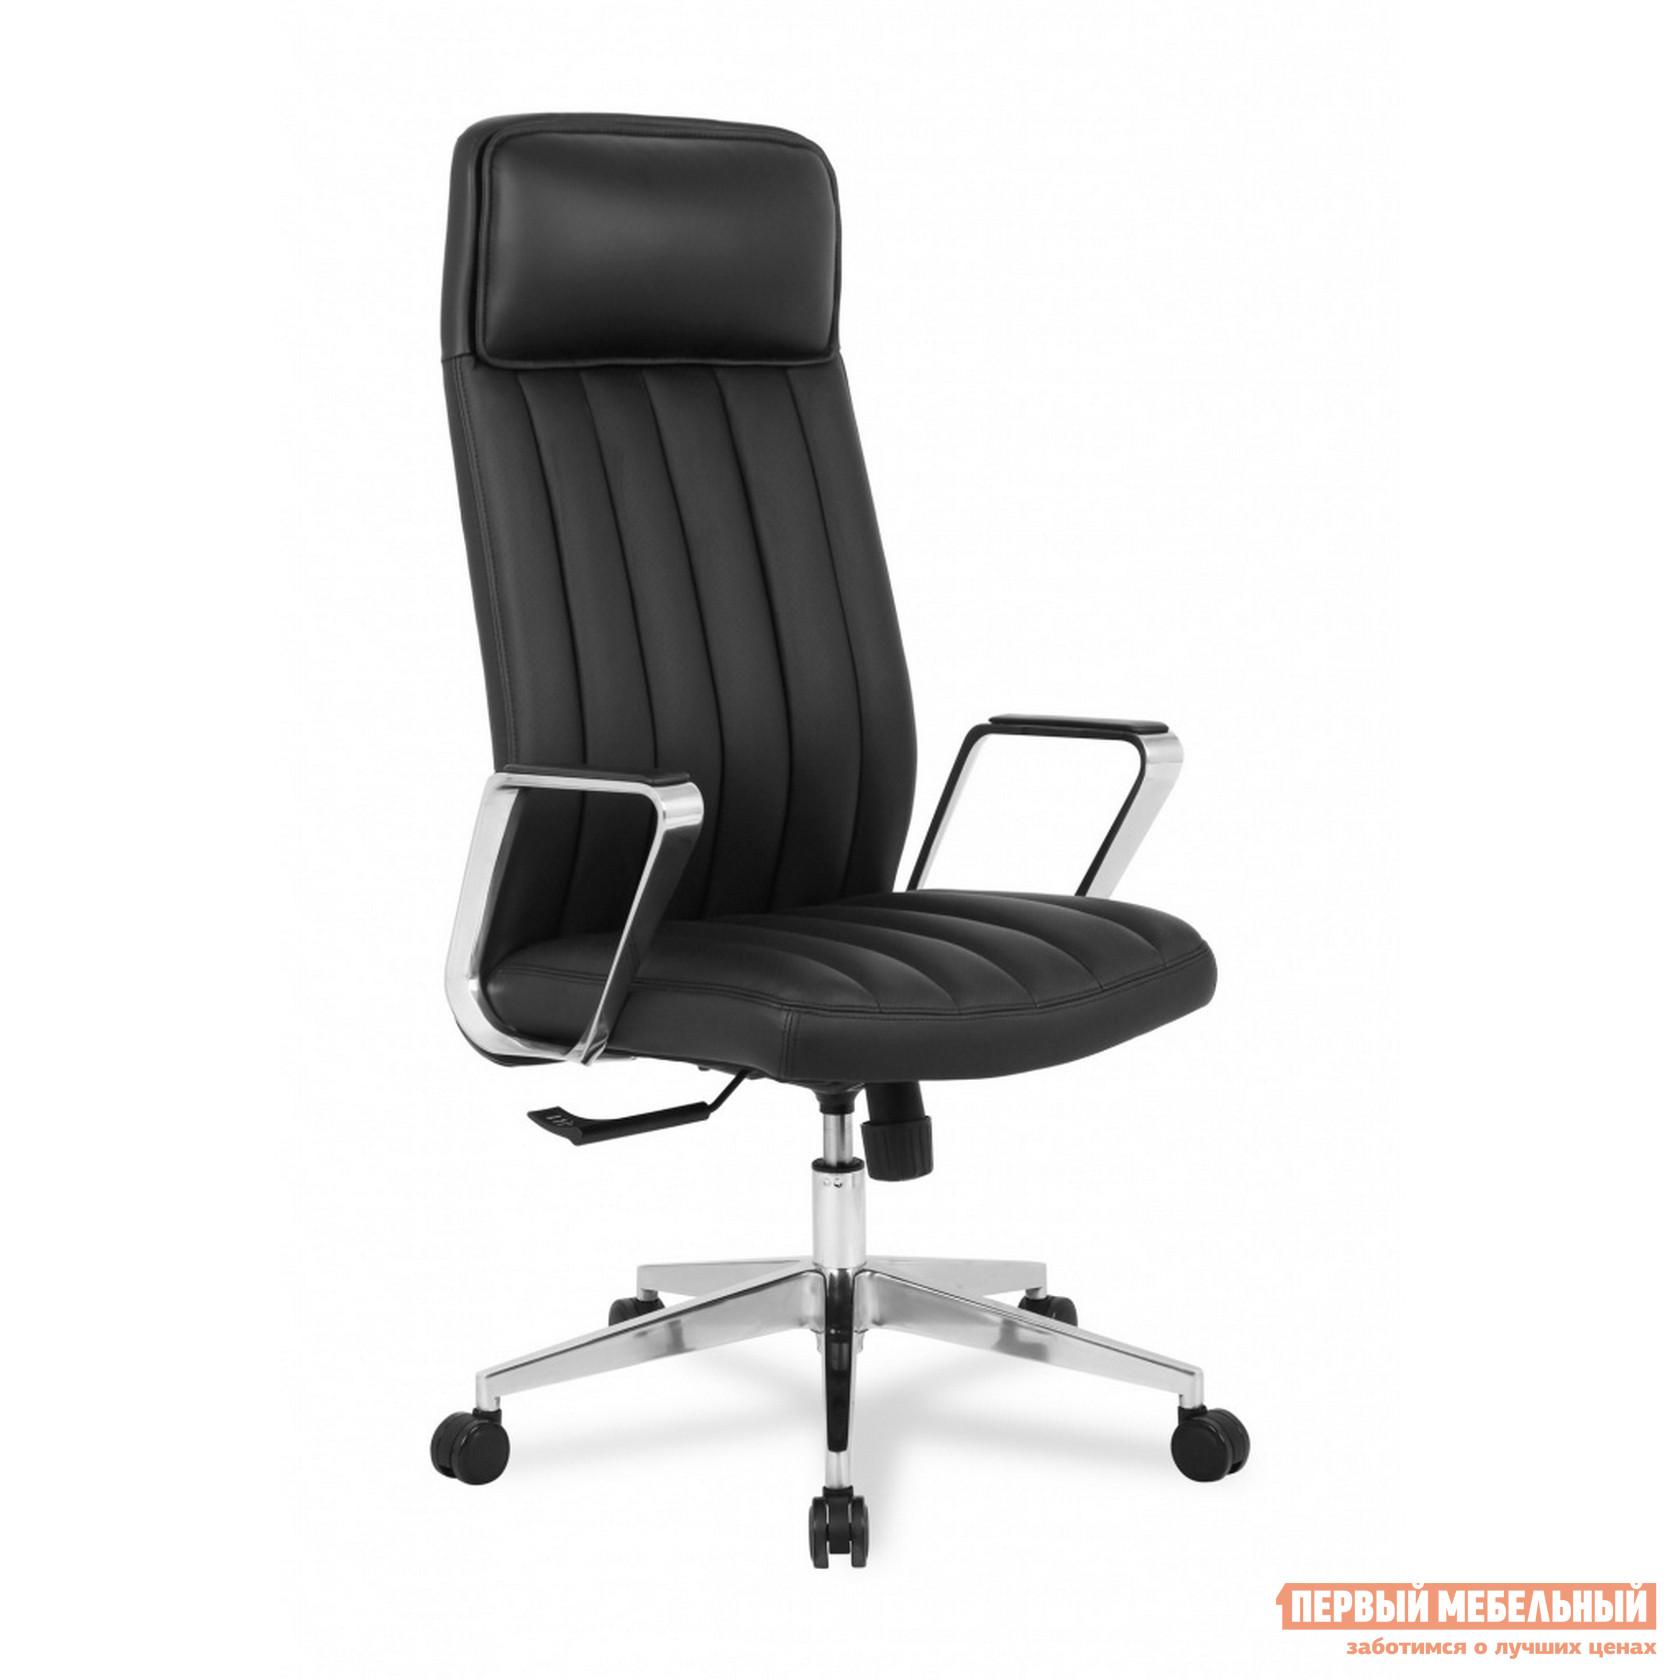 Кресло руководителя College Кресло HLC-2413L-1 кресло руководителя college hlc 0601 black